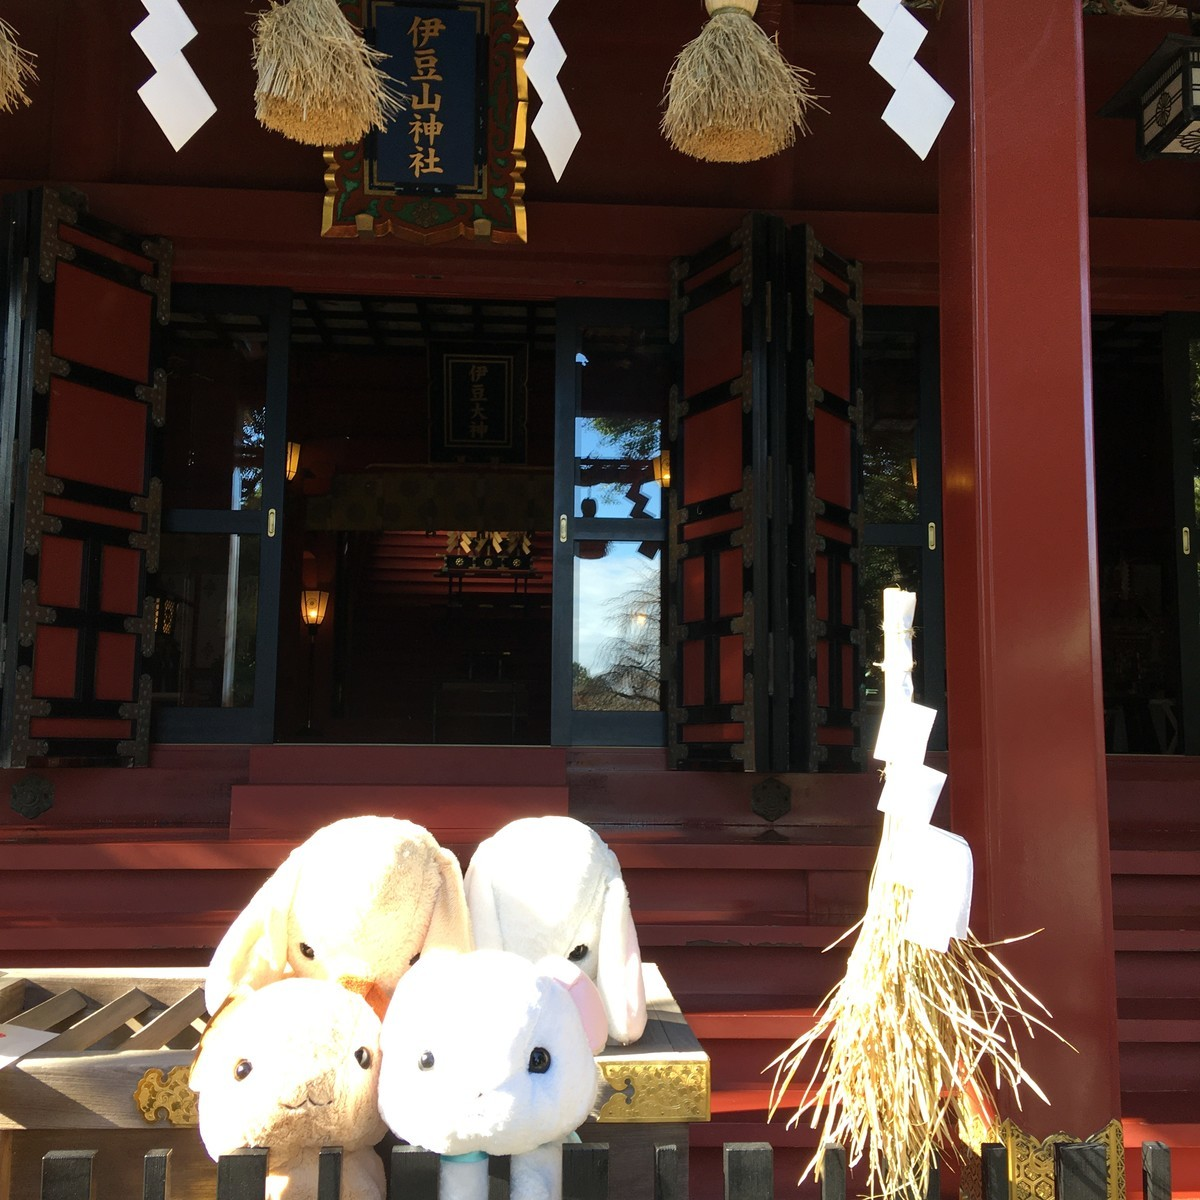 伊豆山神社 本殿